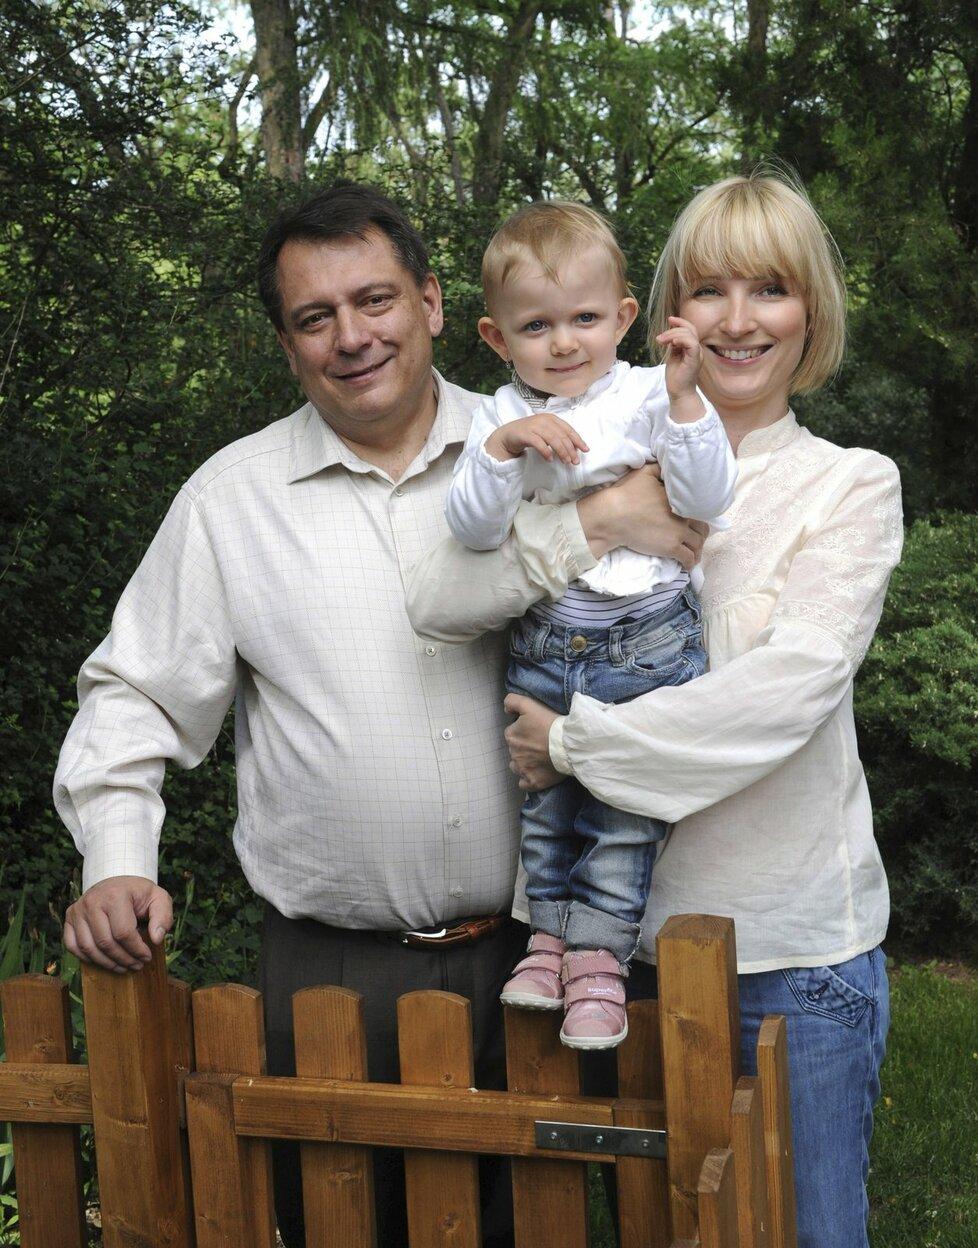 Červen 2011: Šťastná rodina. Tehdy působili Paroubkovi jako šťastná rodina, Jiří zahradničil a Petra ho vedla ke zdravému životnímu stylu.